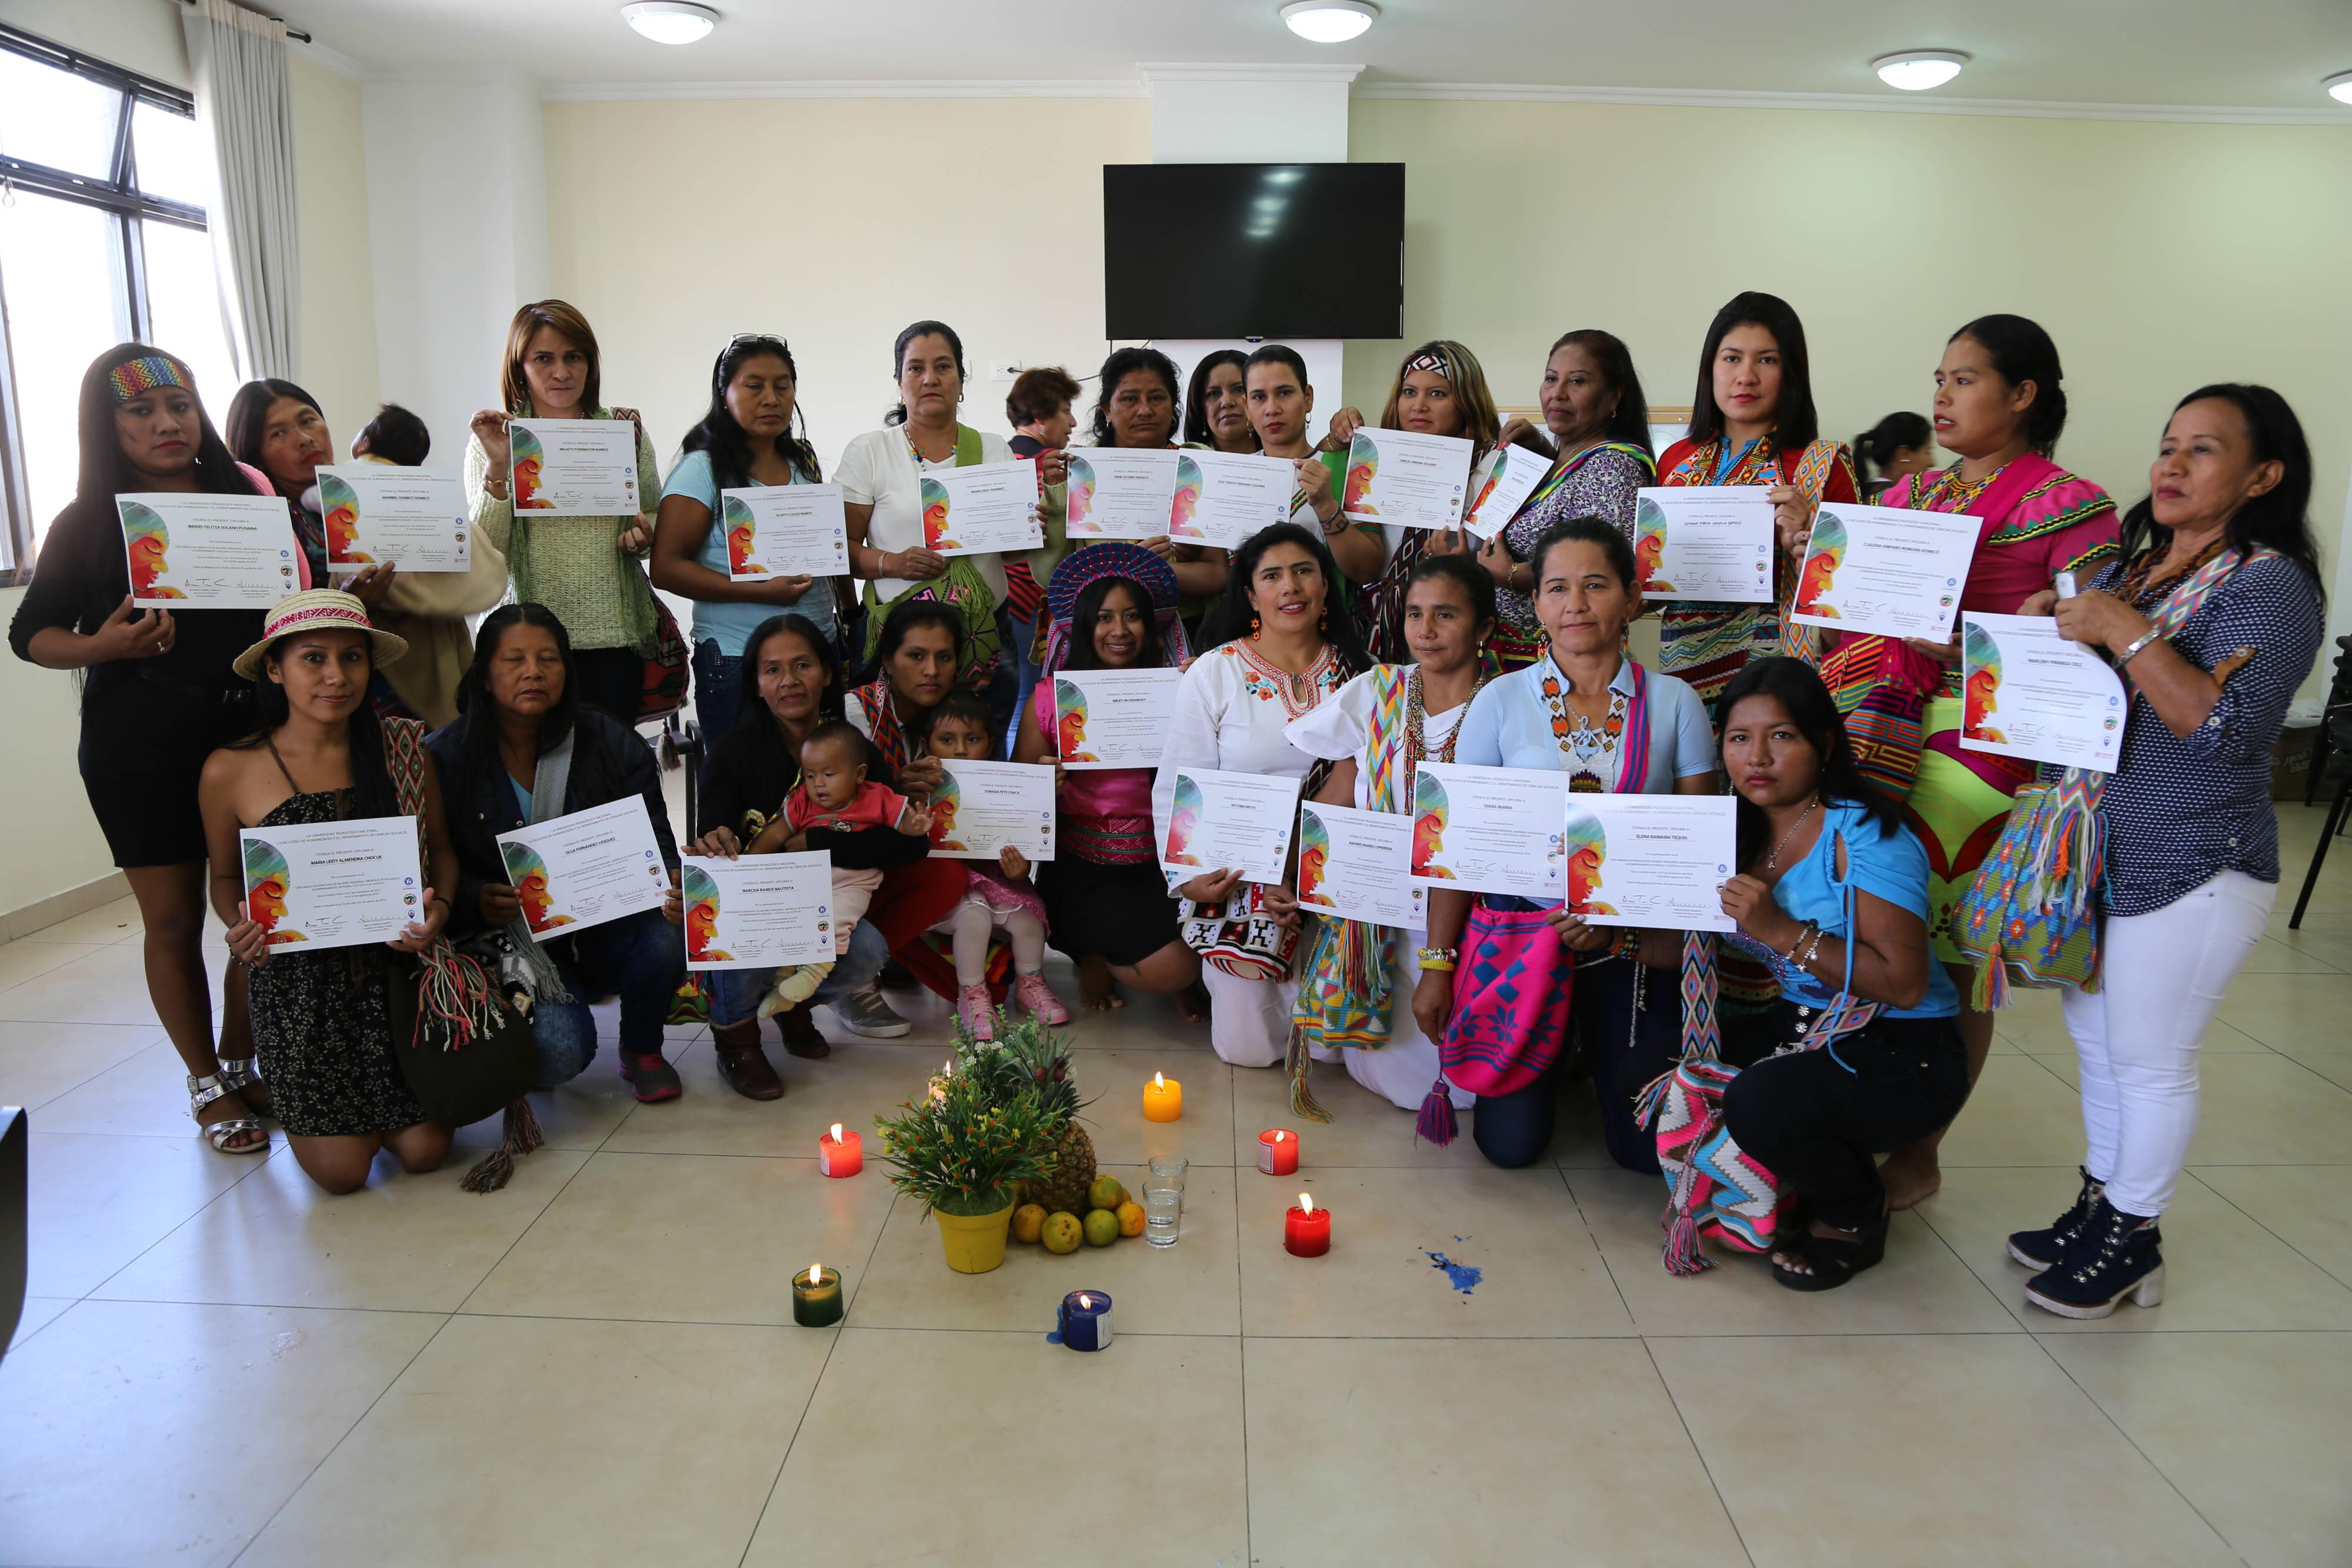 ONIC - Mujeres Indígenas preparadas en cuanto a sus ... - photo#18